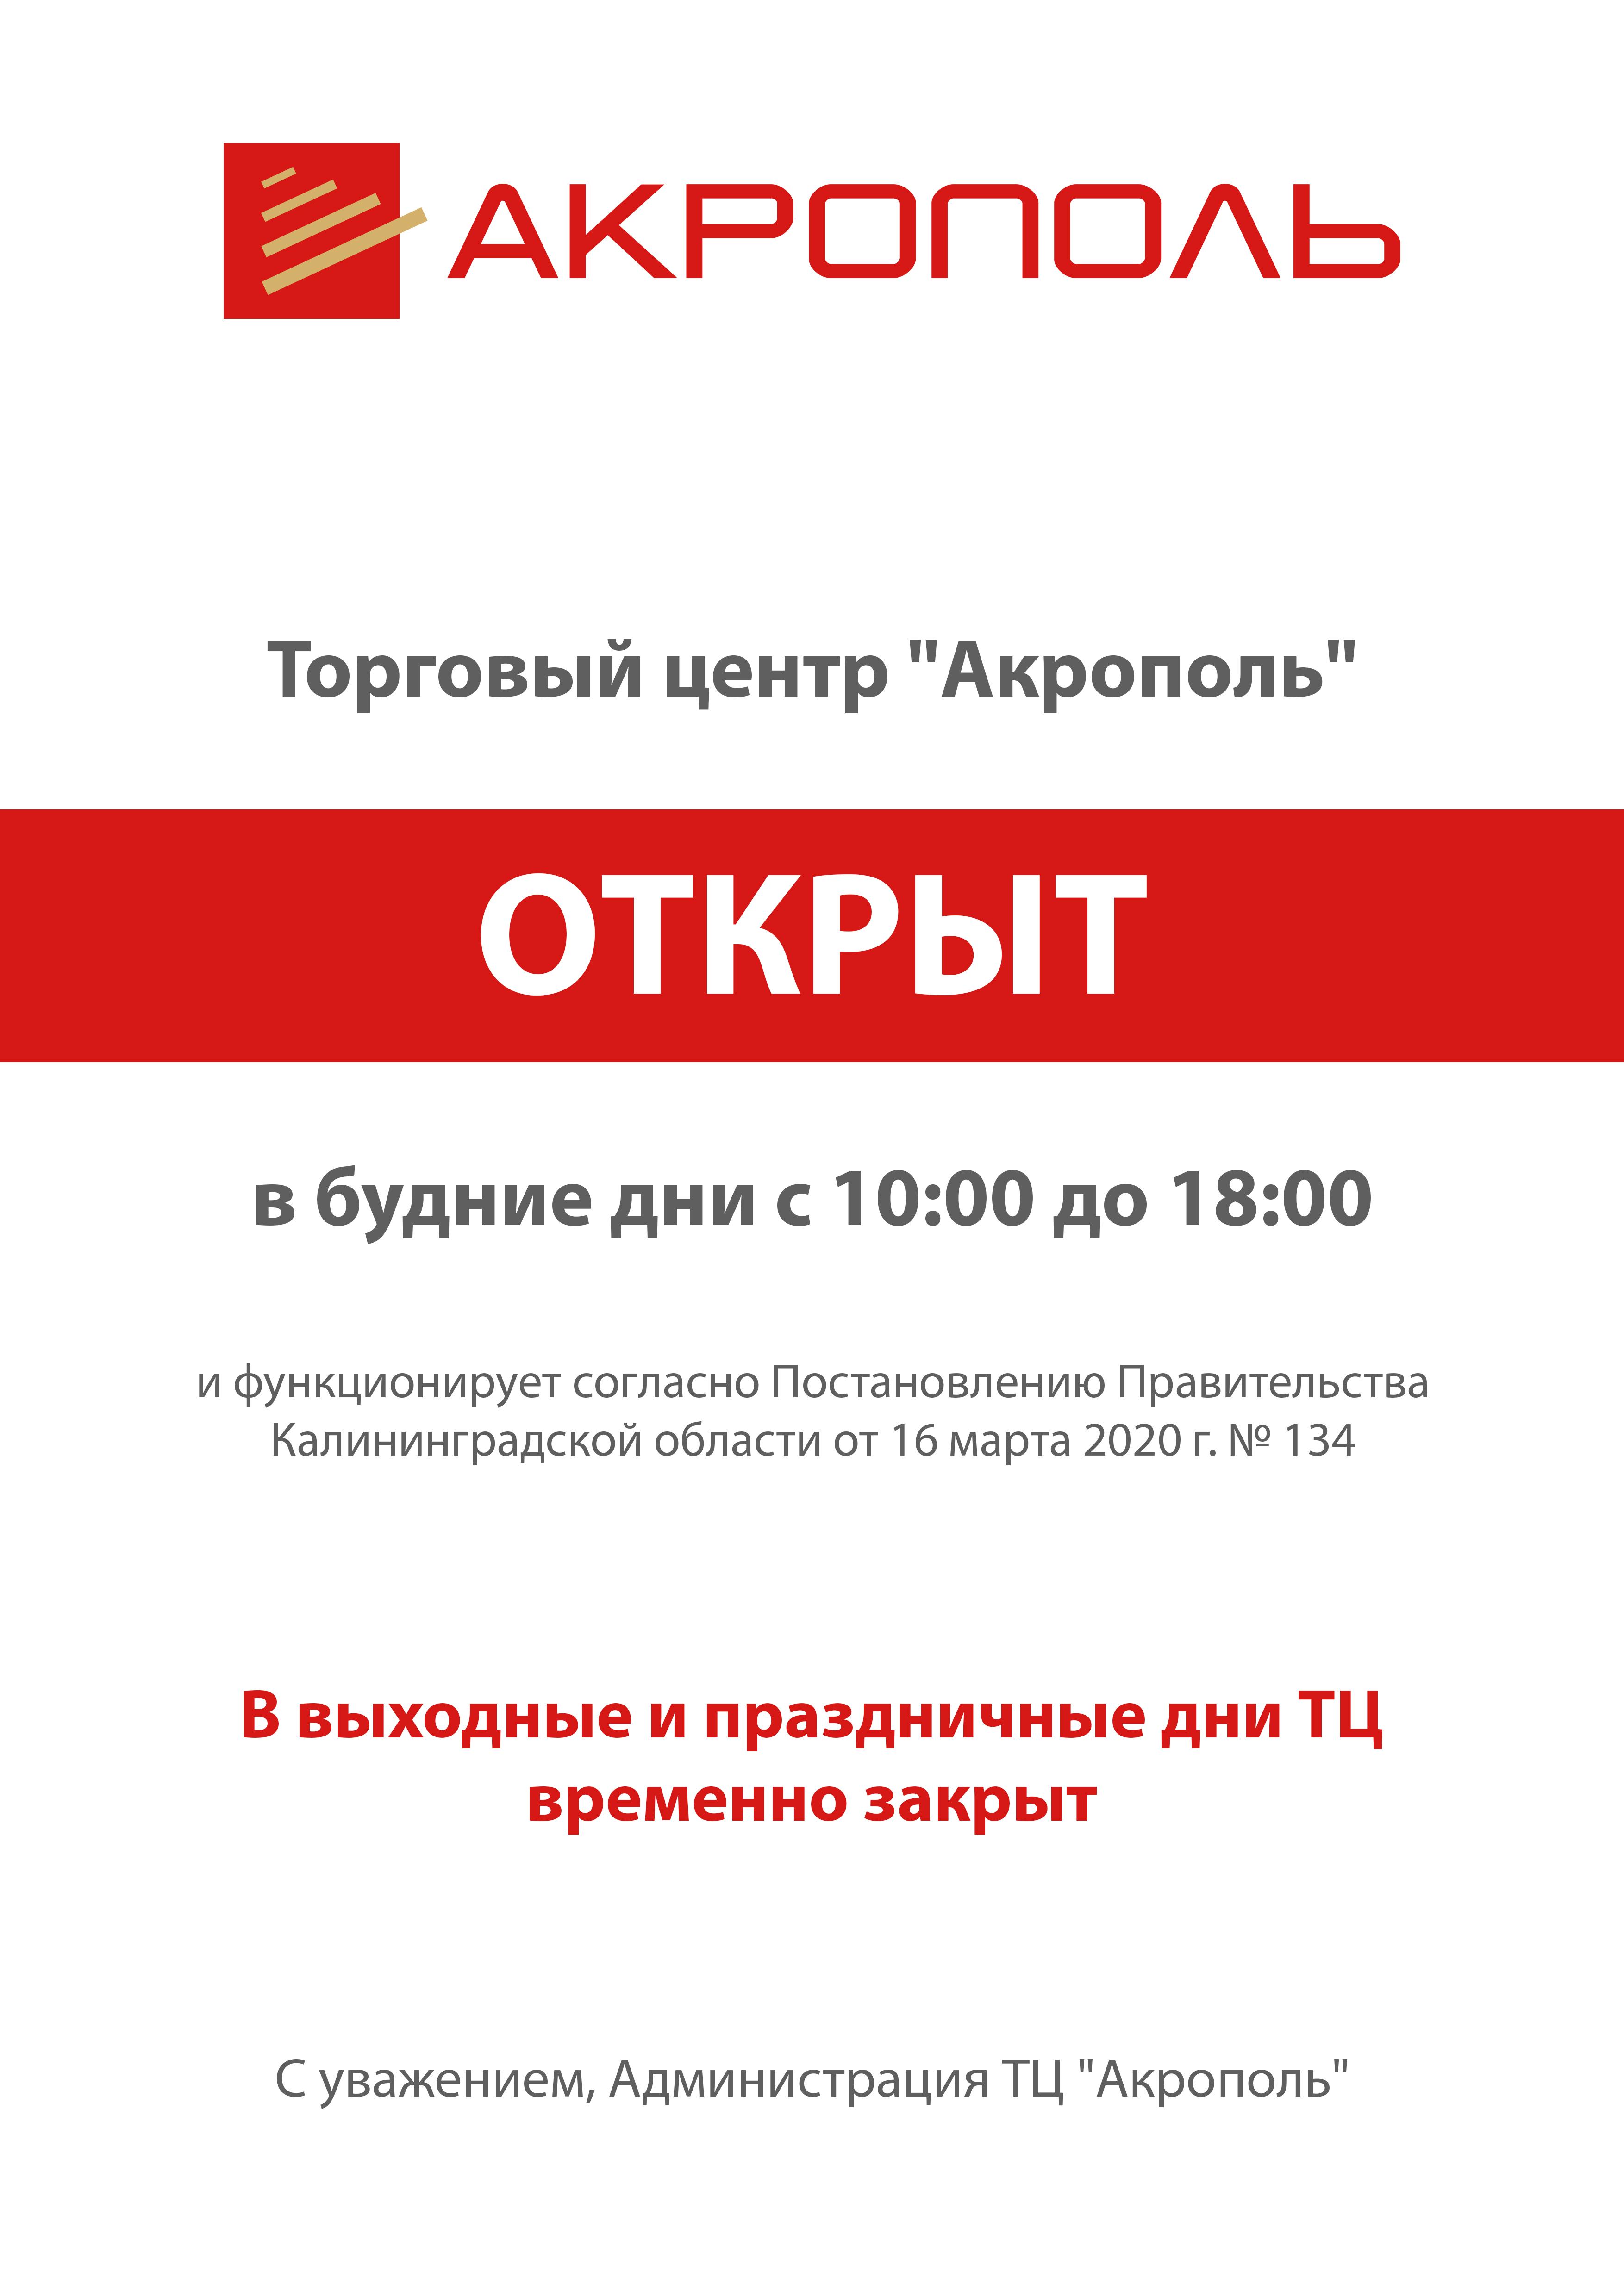 akropol_otkryvaetsya (1)